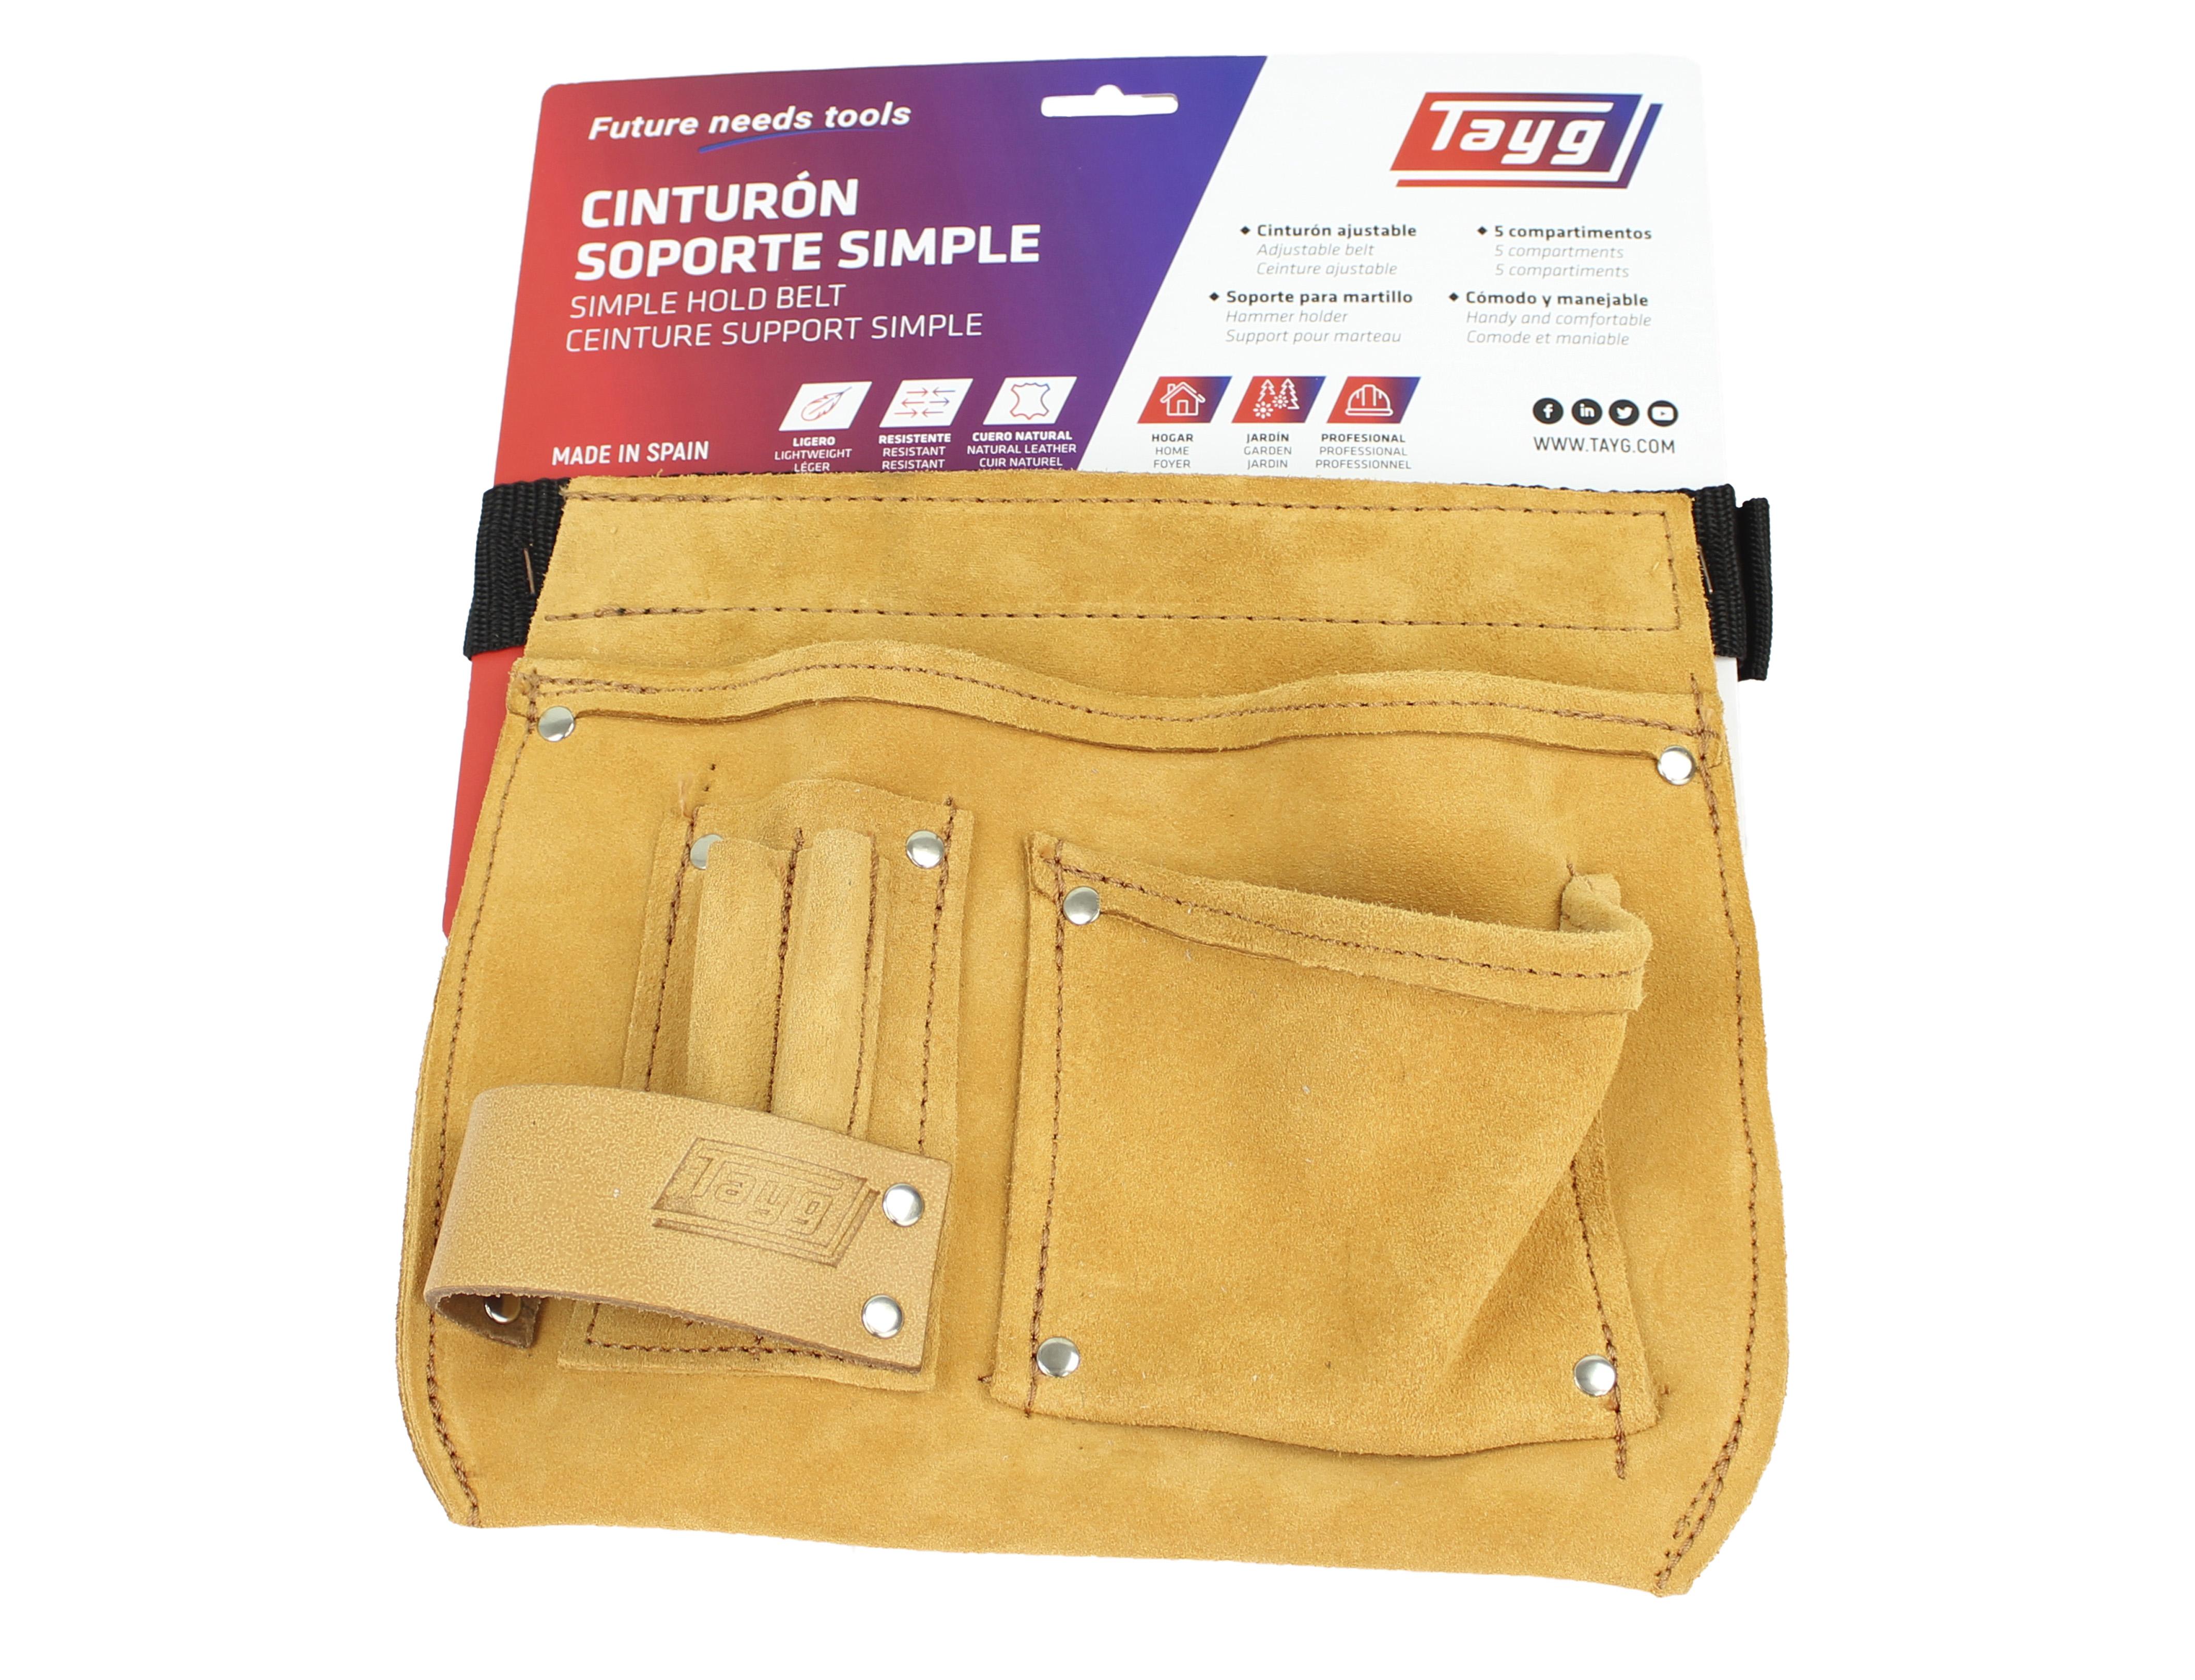 cinturon cuerpo simple destacada - Cinturones gama cuero